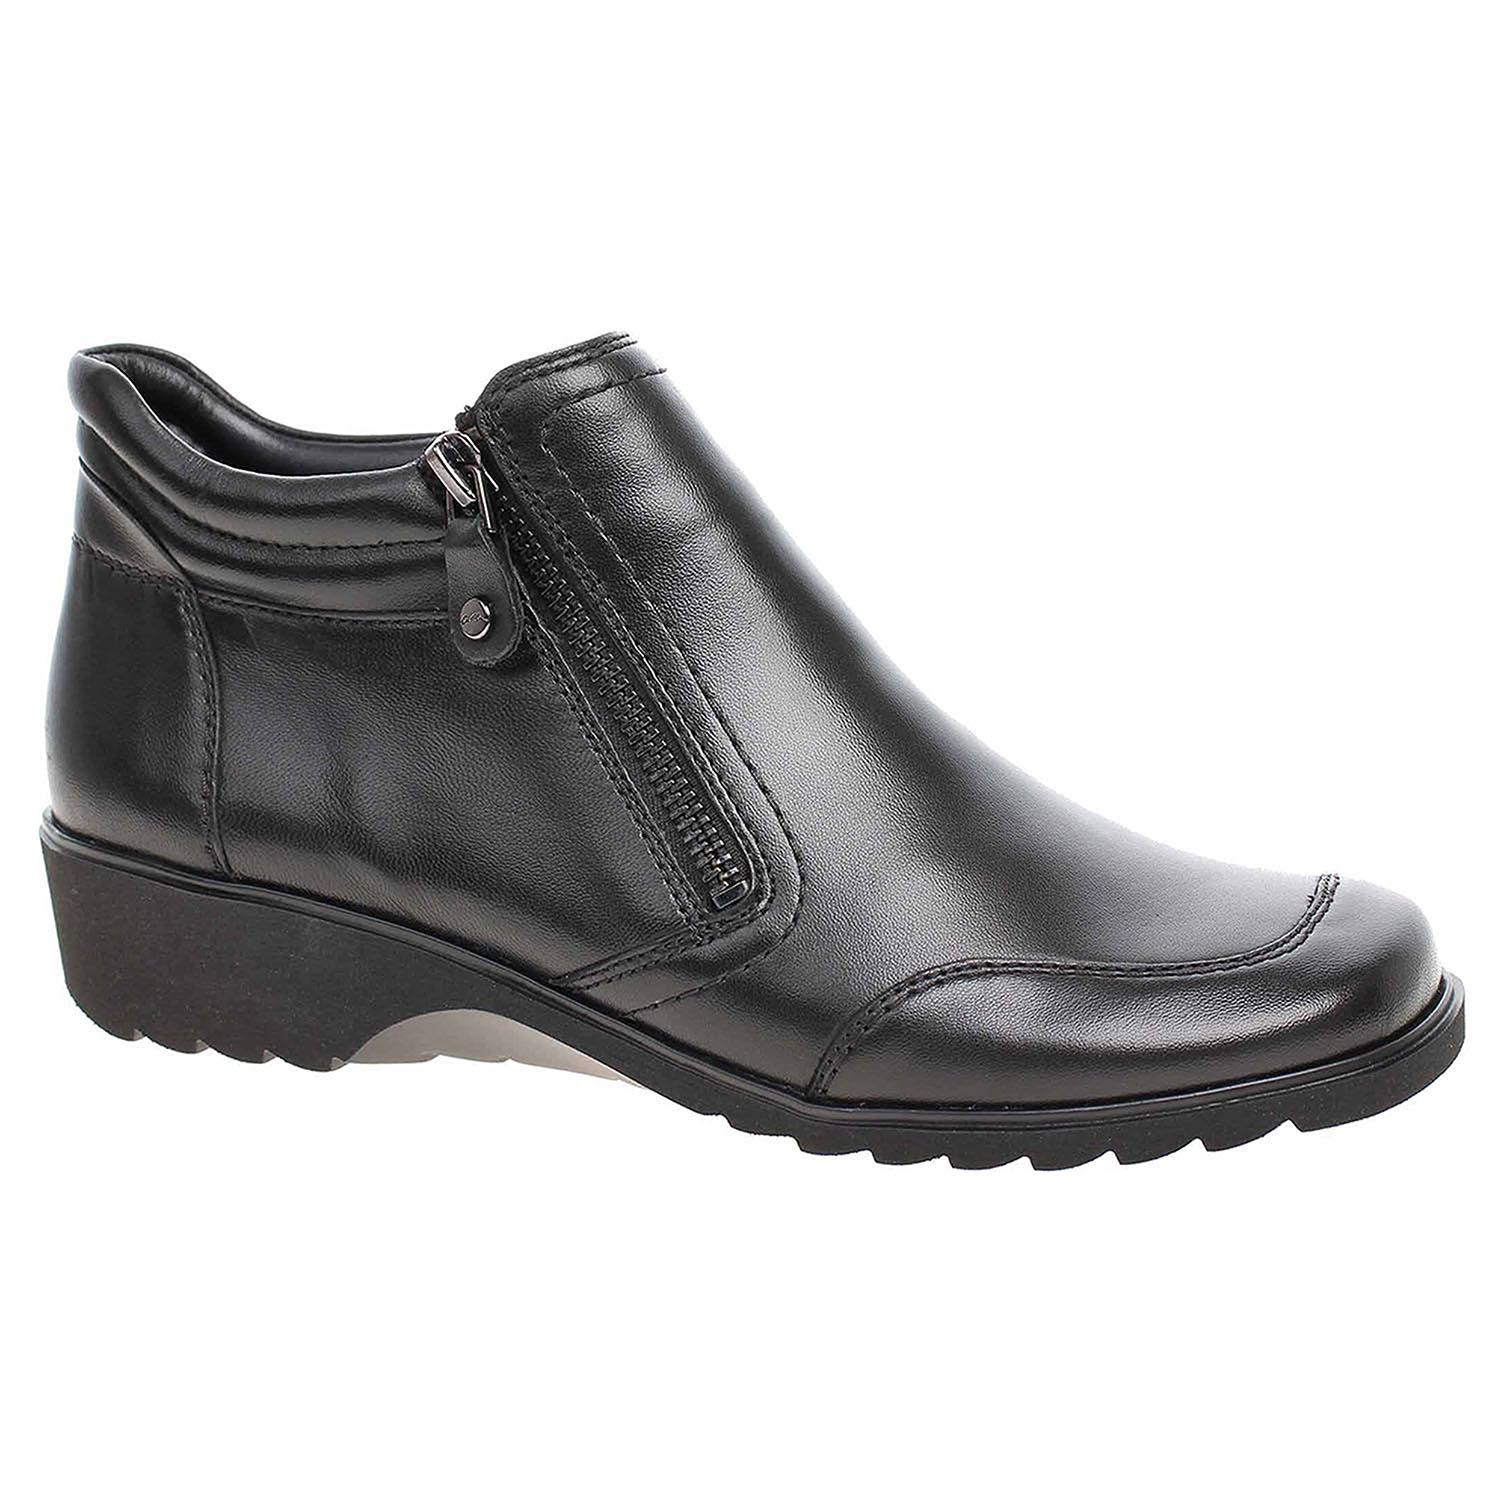 Dámská kotníková obuv Ara 12-42774-61 schwarz 12-42774-61 37,5